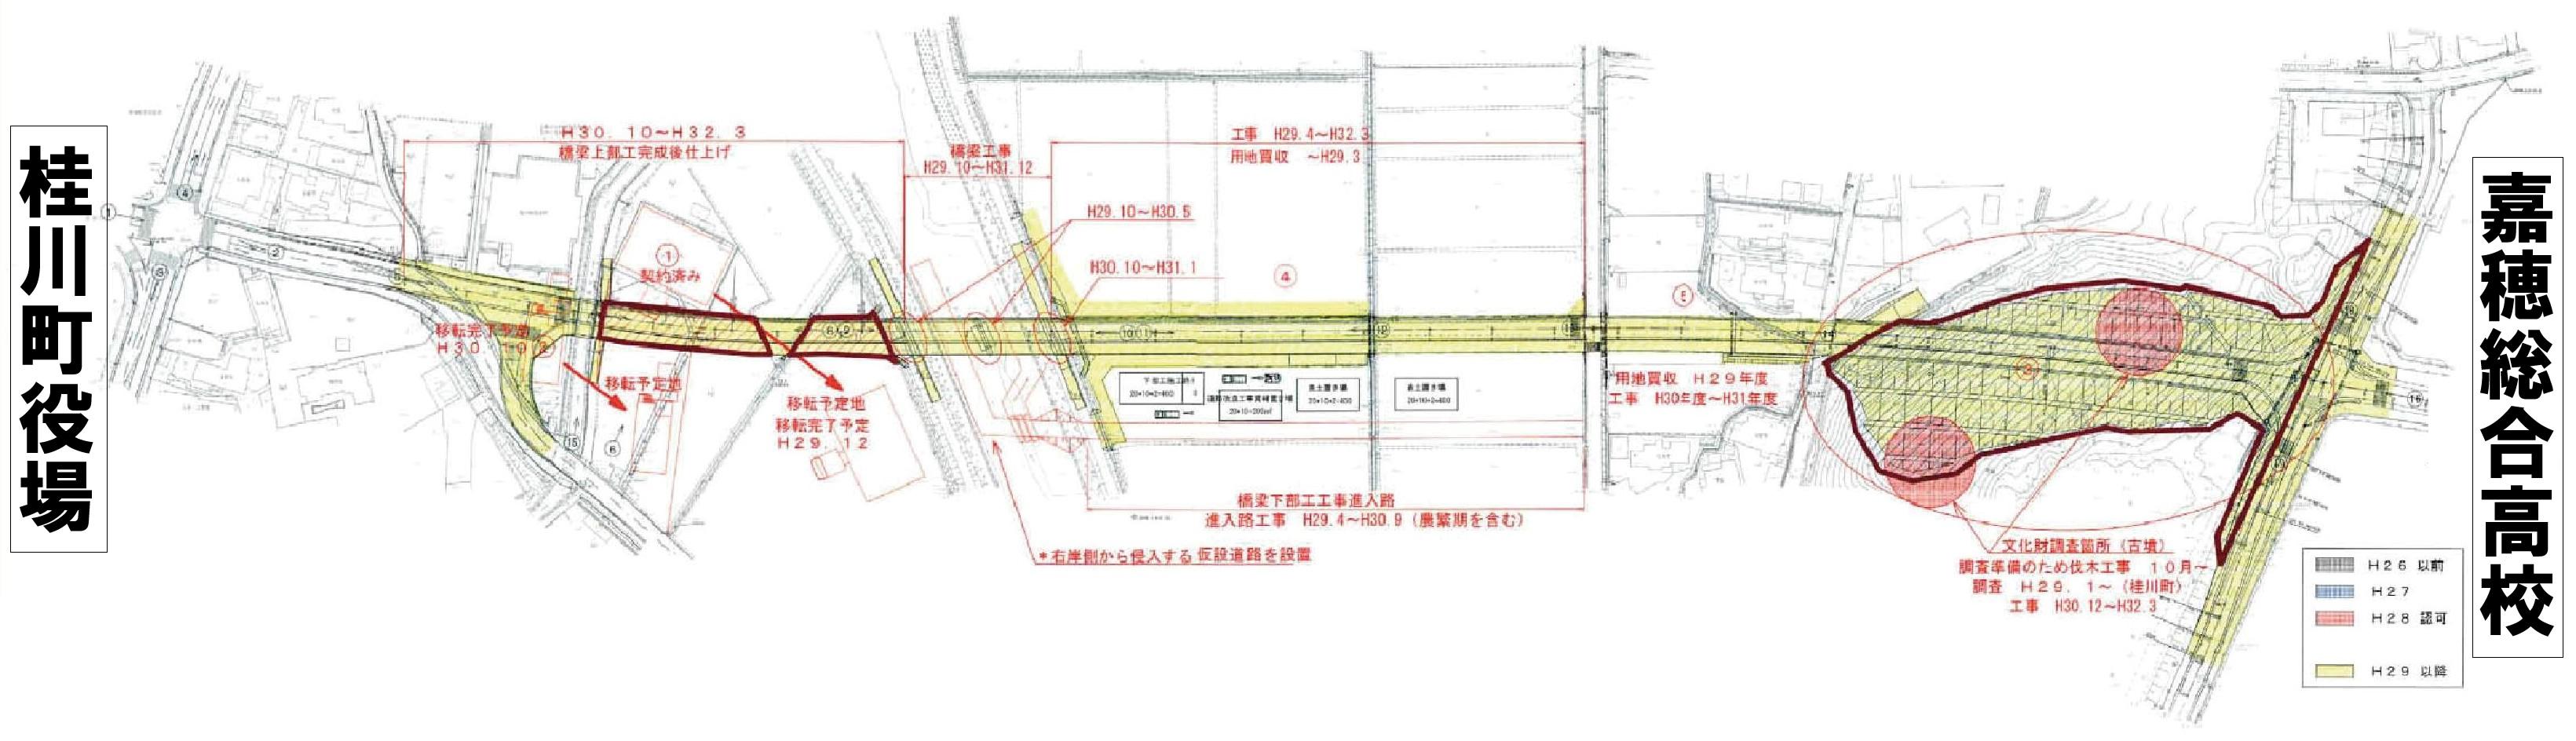 嘉穂総合高校より桂川町役場までの道路新設延伸